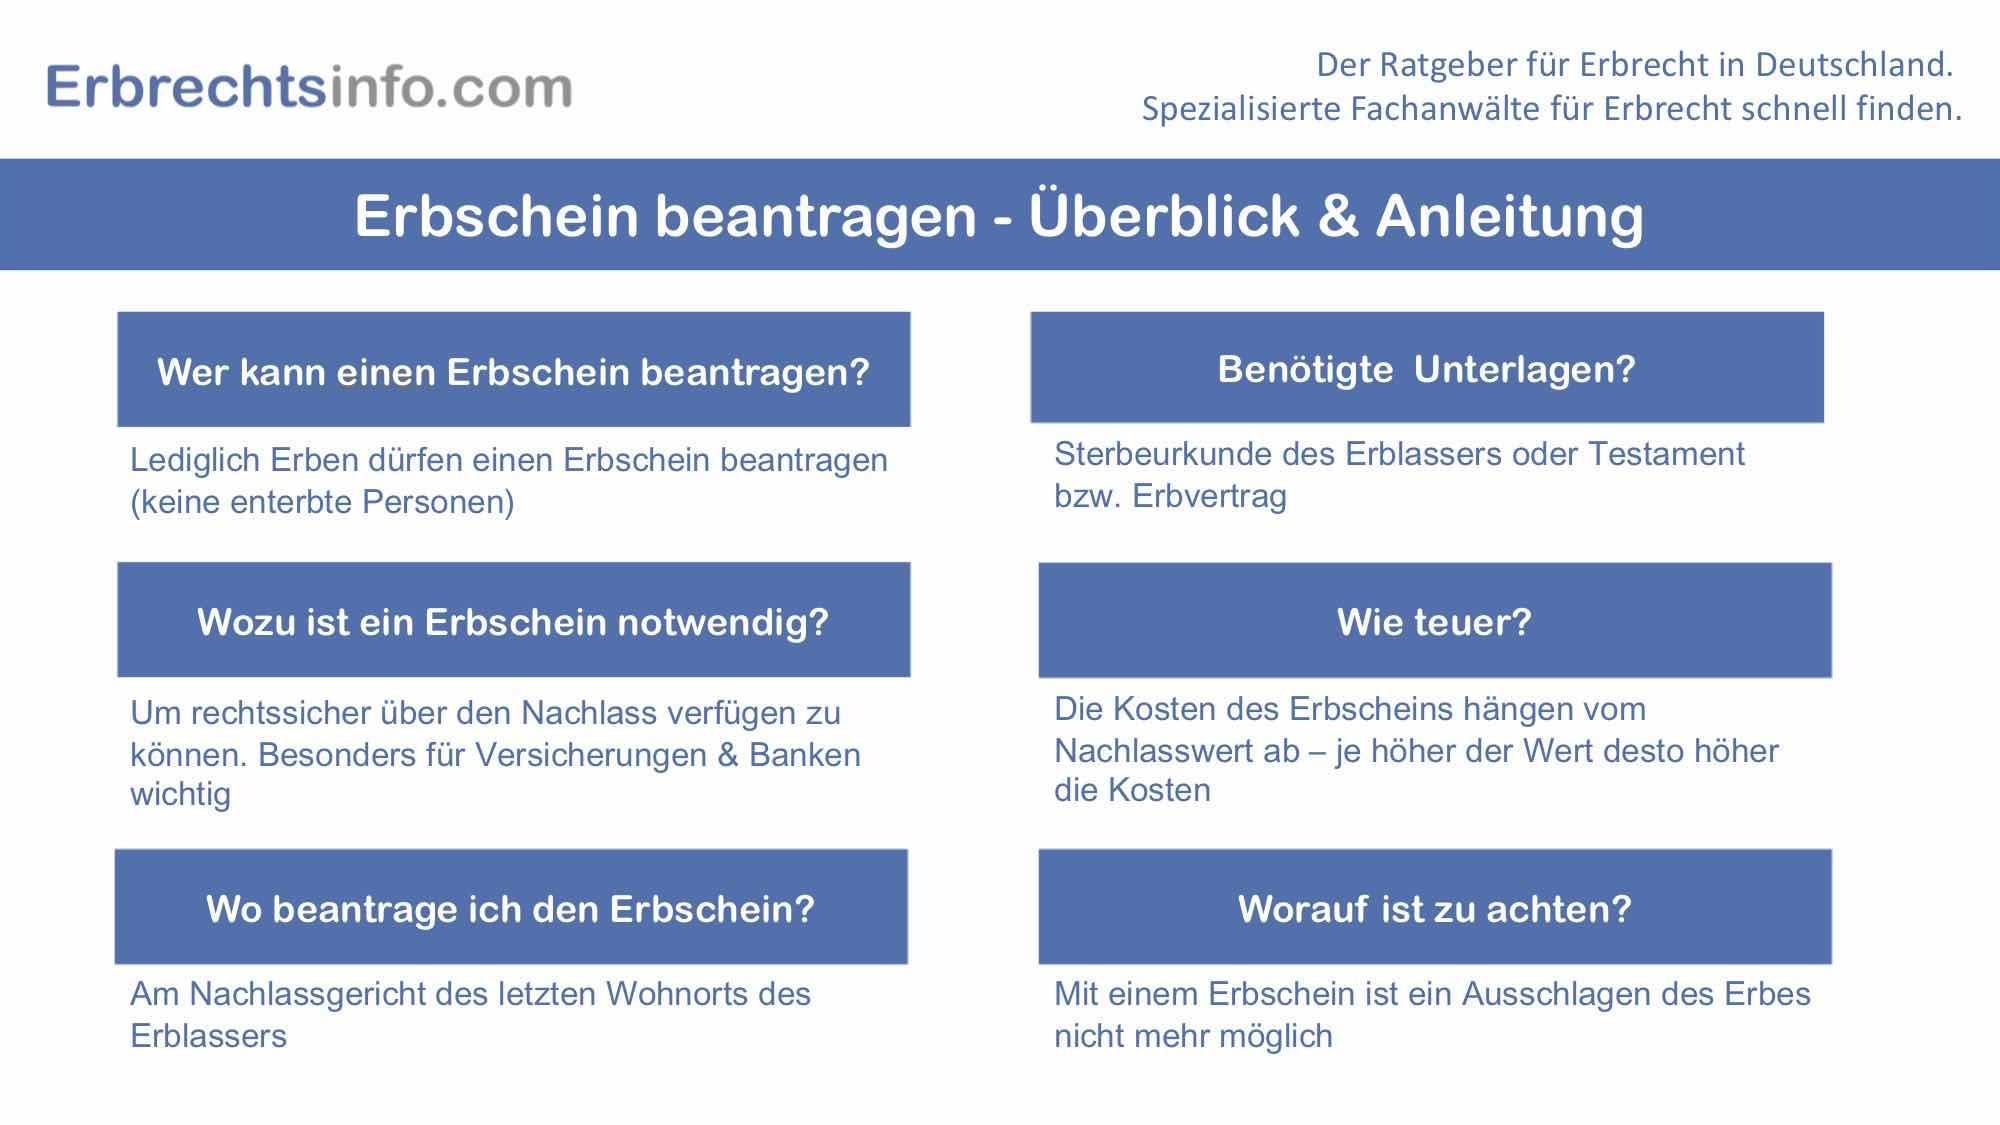 Erbschein beantragen Deutschland- Überblick und Anleitung